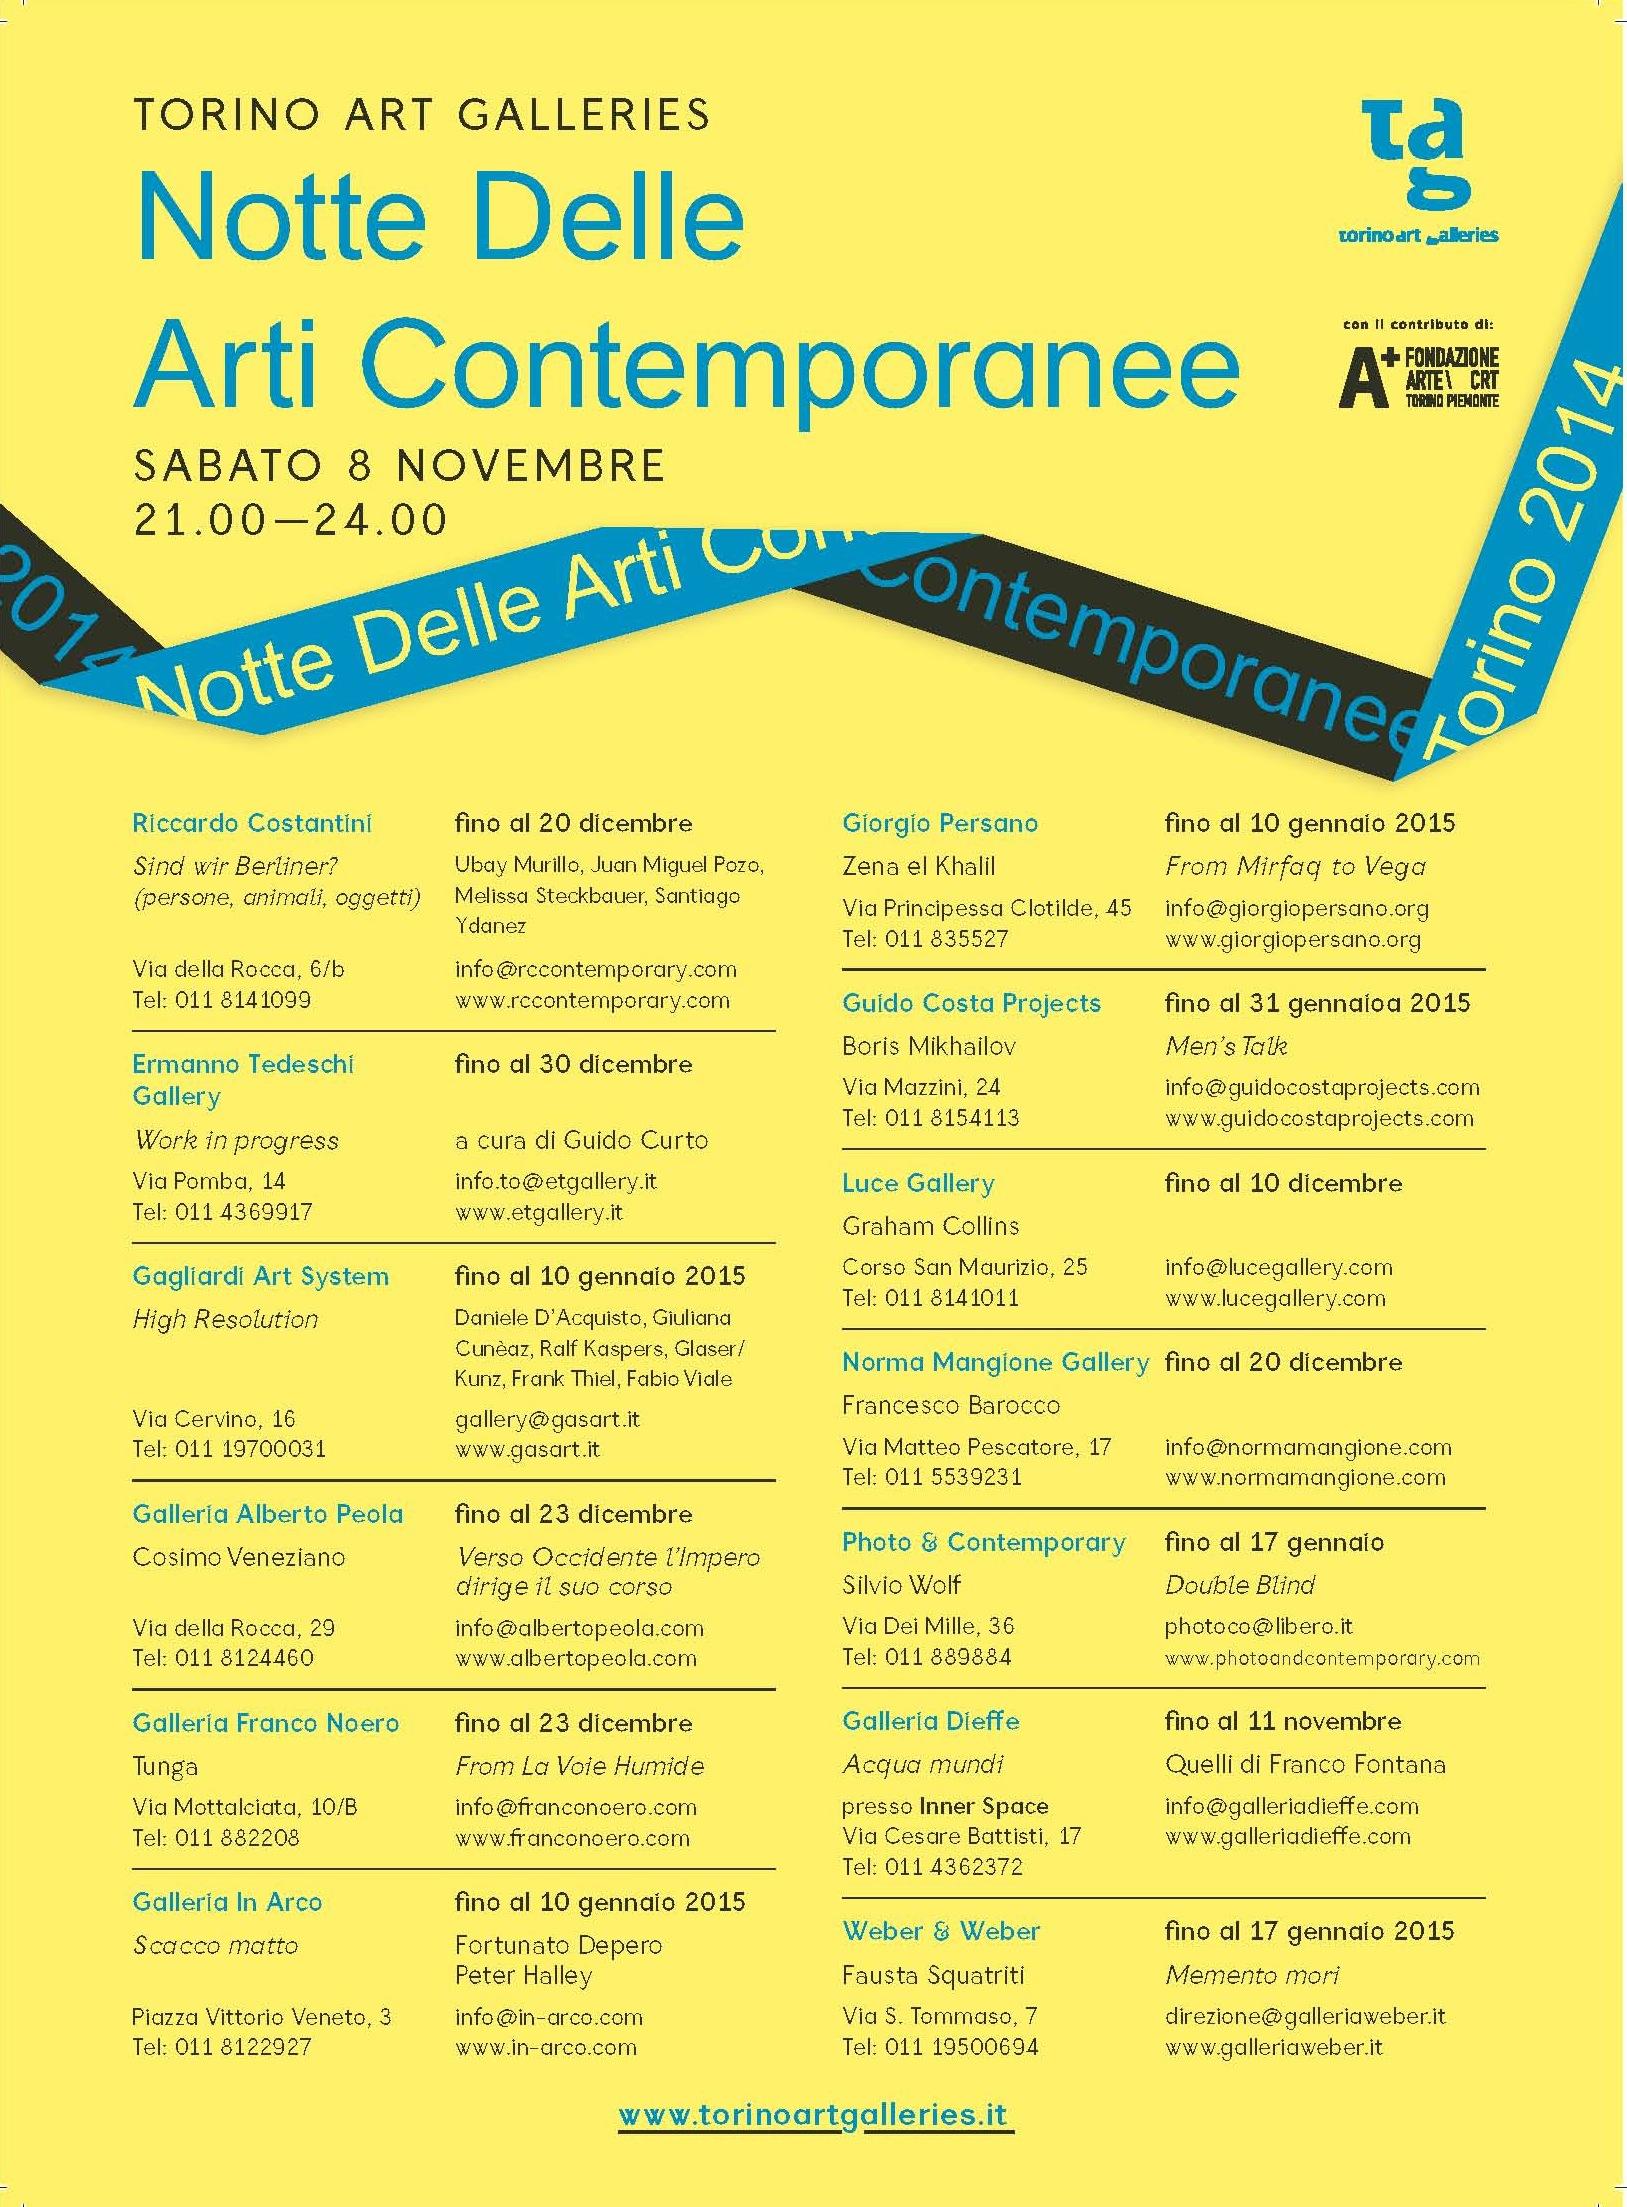 Notte delle Arti Contemporanee 2014